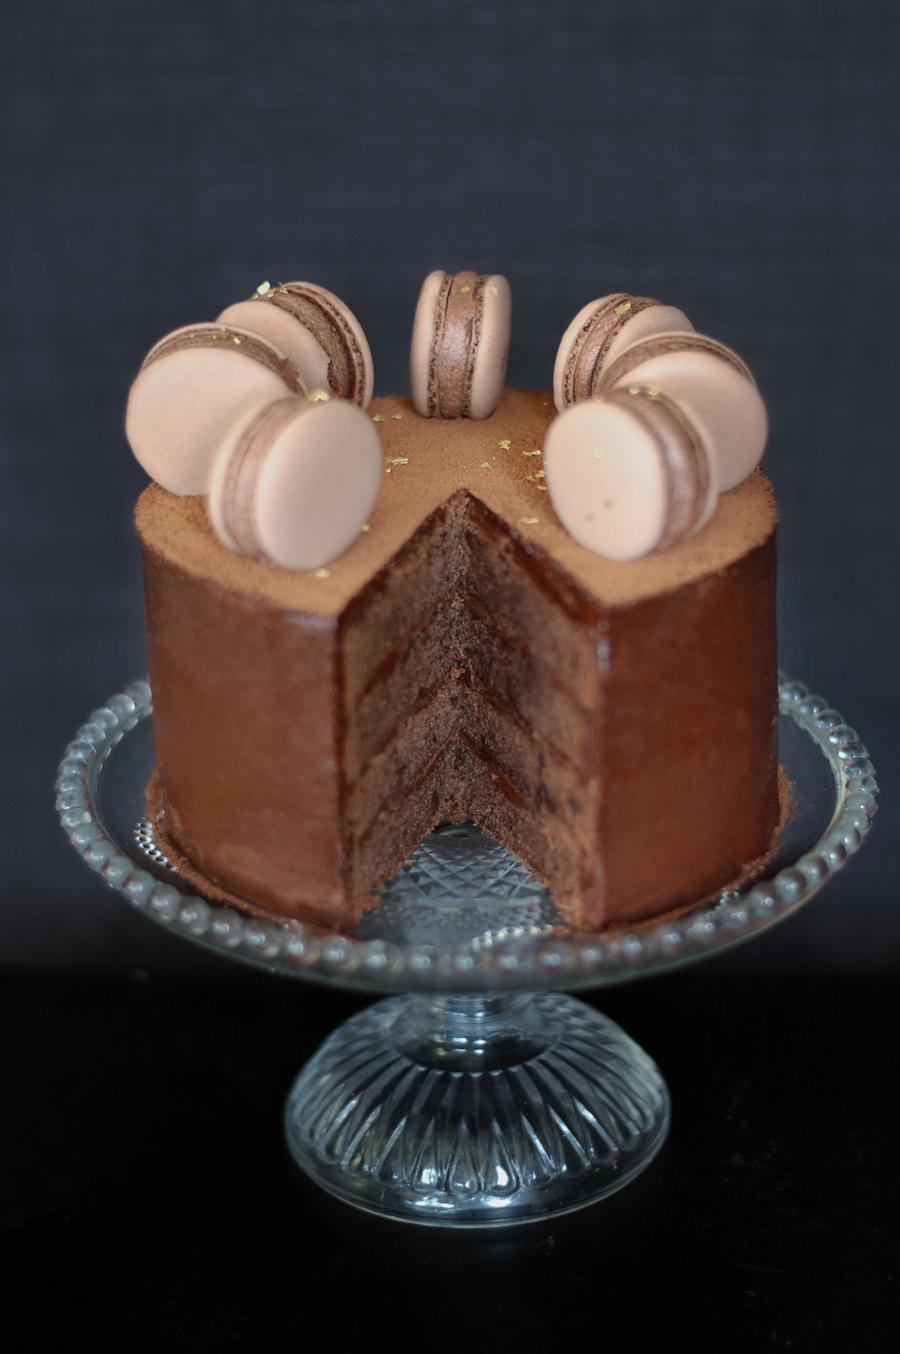 copenhagencakes-chokoladelagkage-med-macarons-1-3